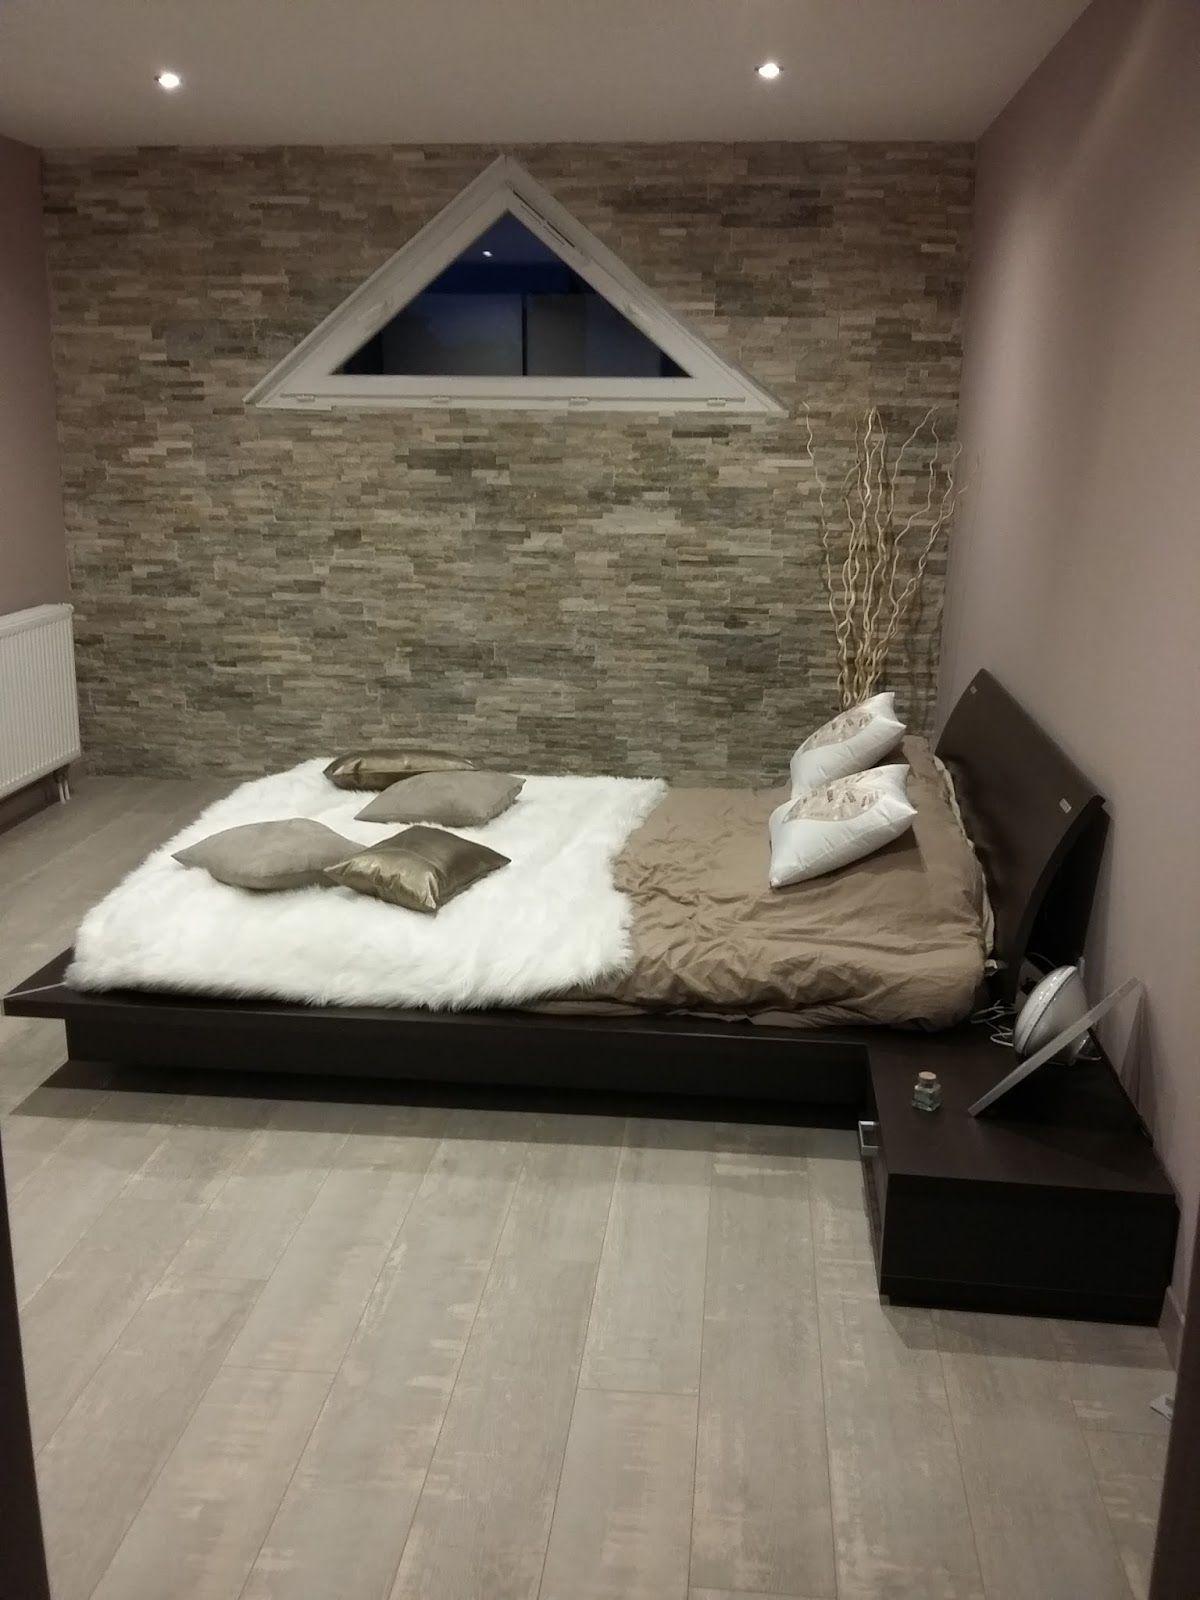 Décoration Chambre À Coucher Adulte Zen chambre zen taupe - darby home co nona 1800 thread count